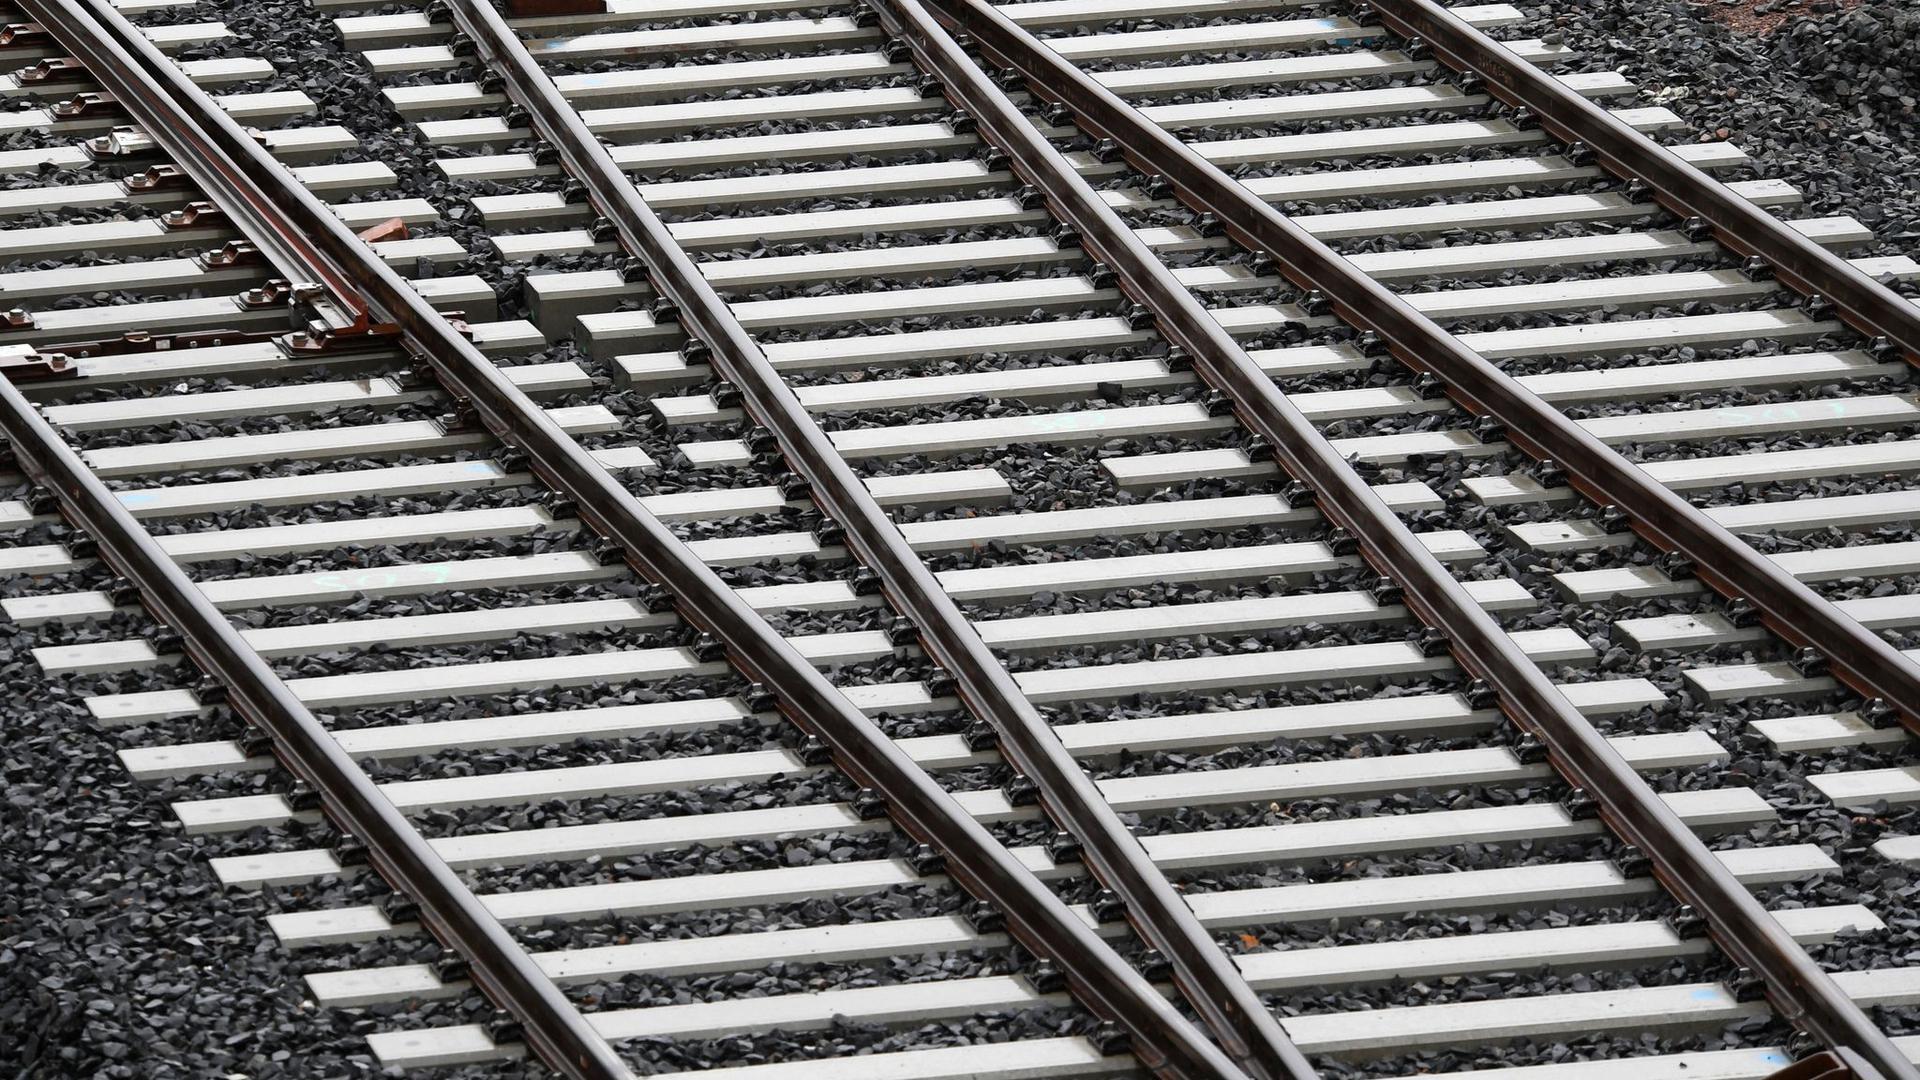 Gleisbauarbeiten am Bahnknoten in Roßlau in Sachsen-Anhalt. Nicht nur bestehende Strecken pflegen, sondern auch neue bauen: Acht Verbände aus der Bahn-Industrie haben die künftige Bundesregierung aufgefordert, mehr Geld und mehr Aufmerksamkeit für den Ausbau und die Digitalisierung der Bahn-Infrastruktur aufzuwenden.